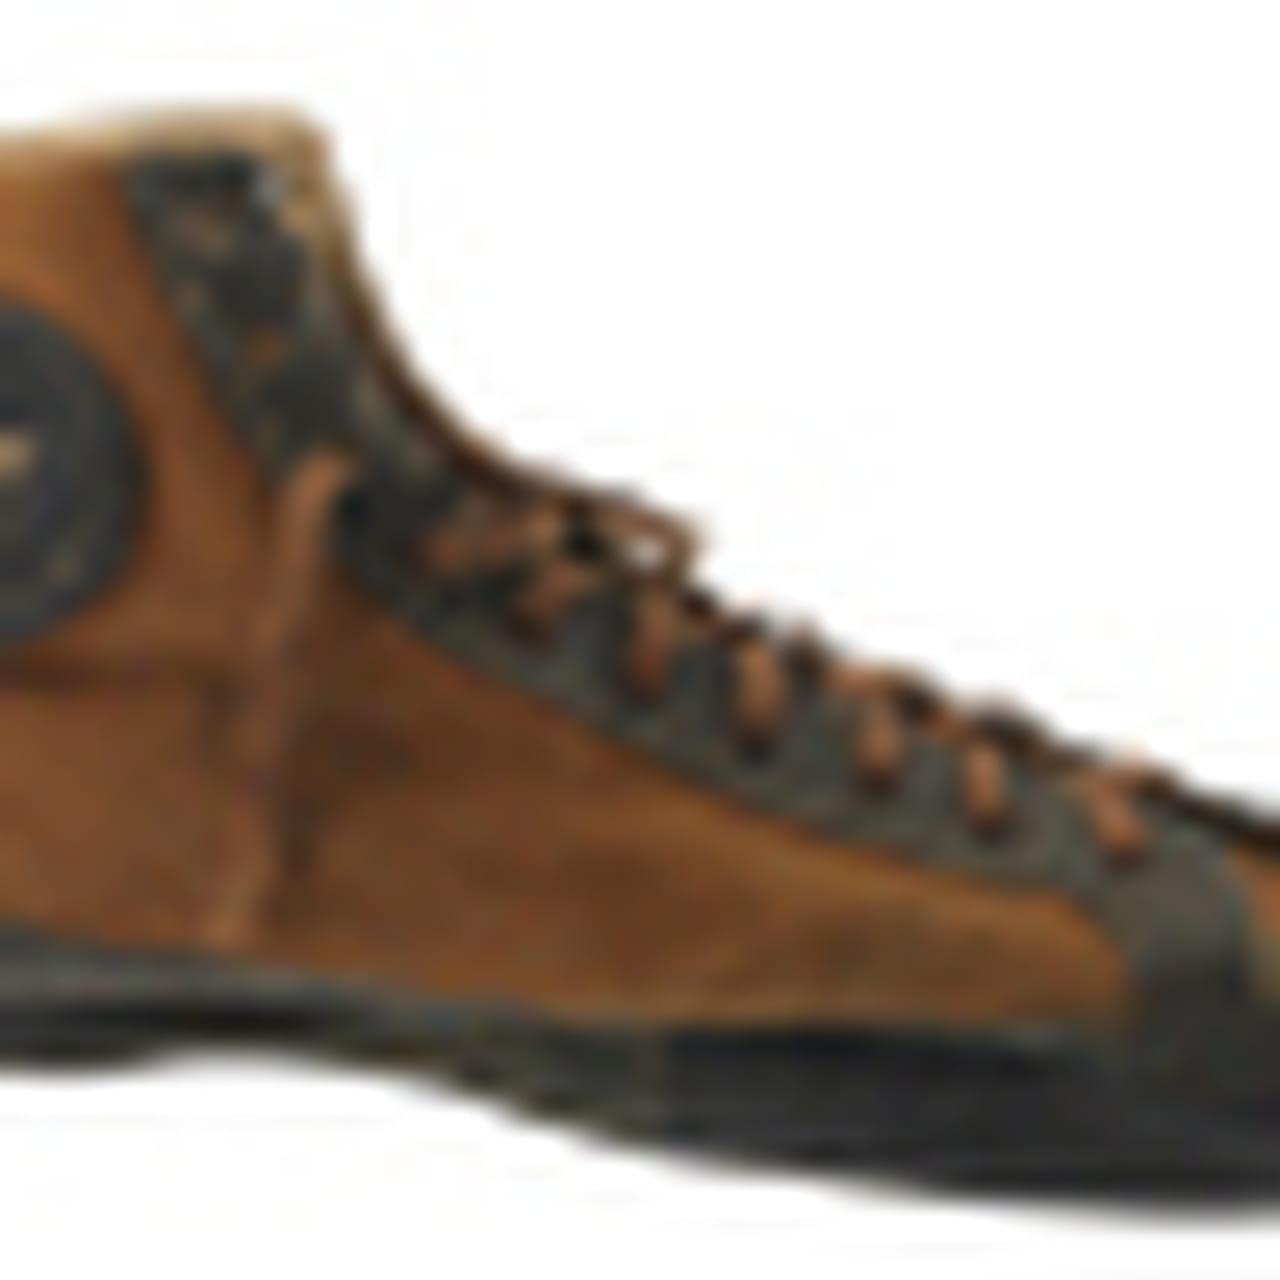 D'une D'une ConverseHistoire D'une Chaussure ConverseHistoire De ConverseHistoire Légende Chaussure Légende De trxdQshC